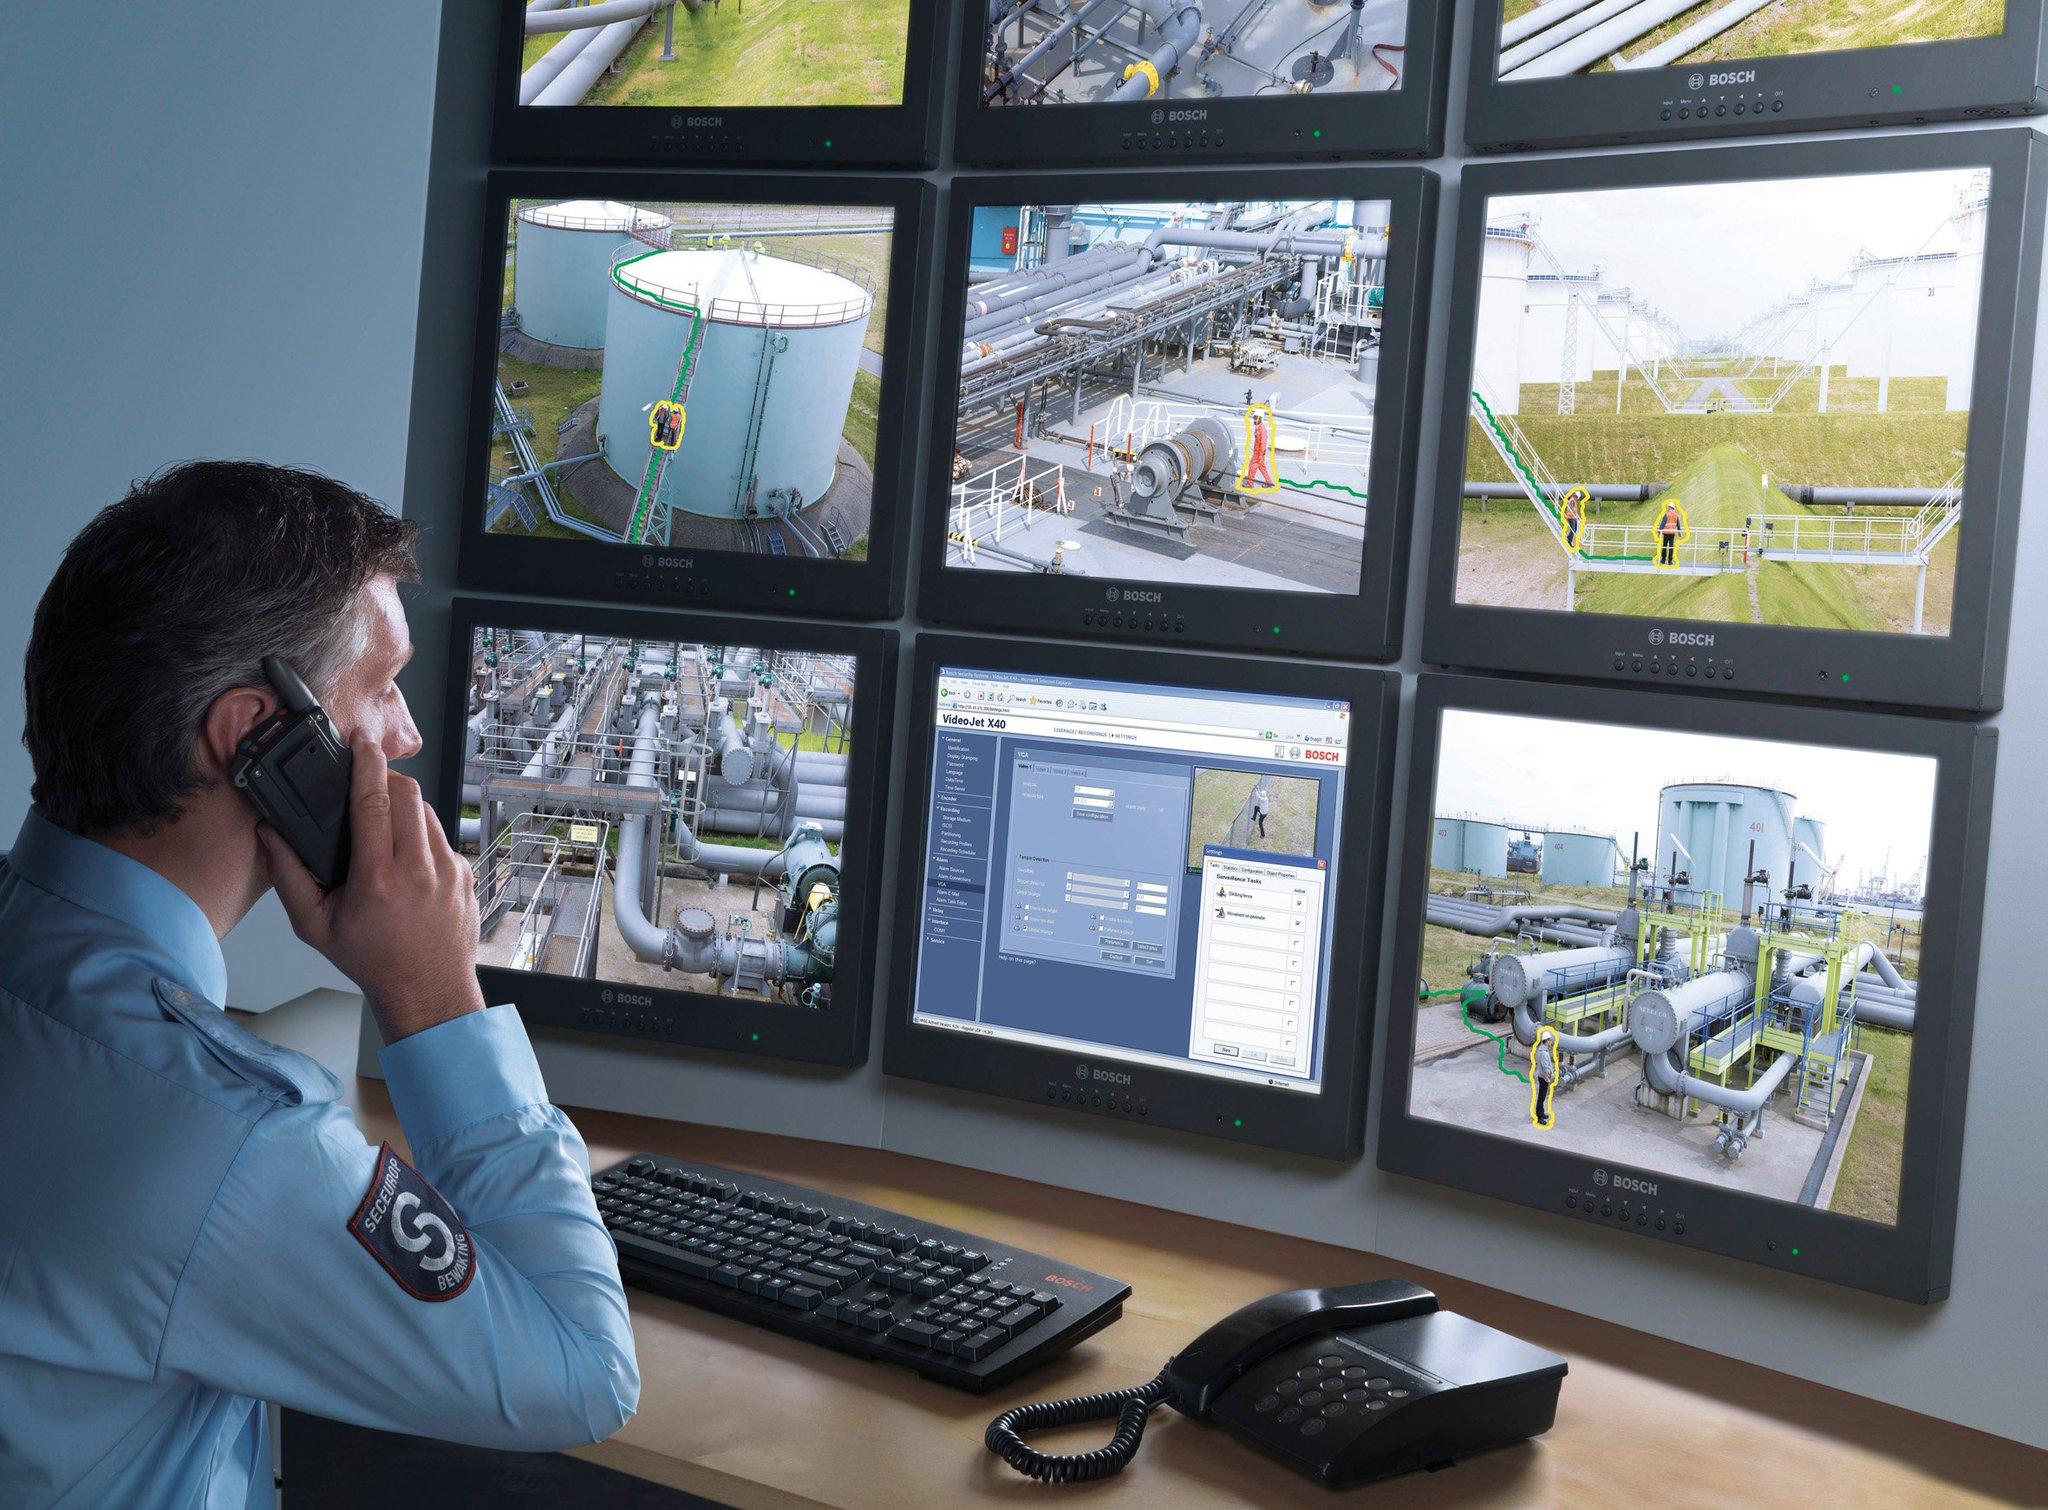 Ростовская область инвестирует в городскую безопасность свыше 100 млн рублей